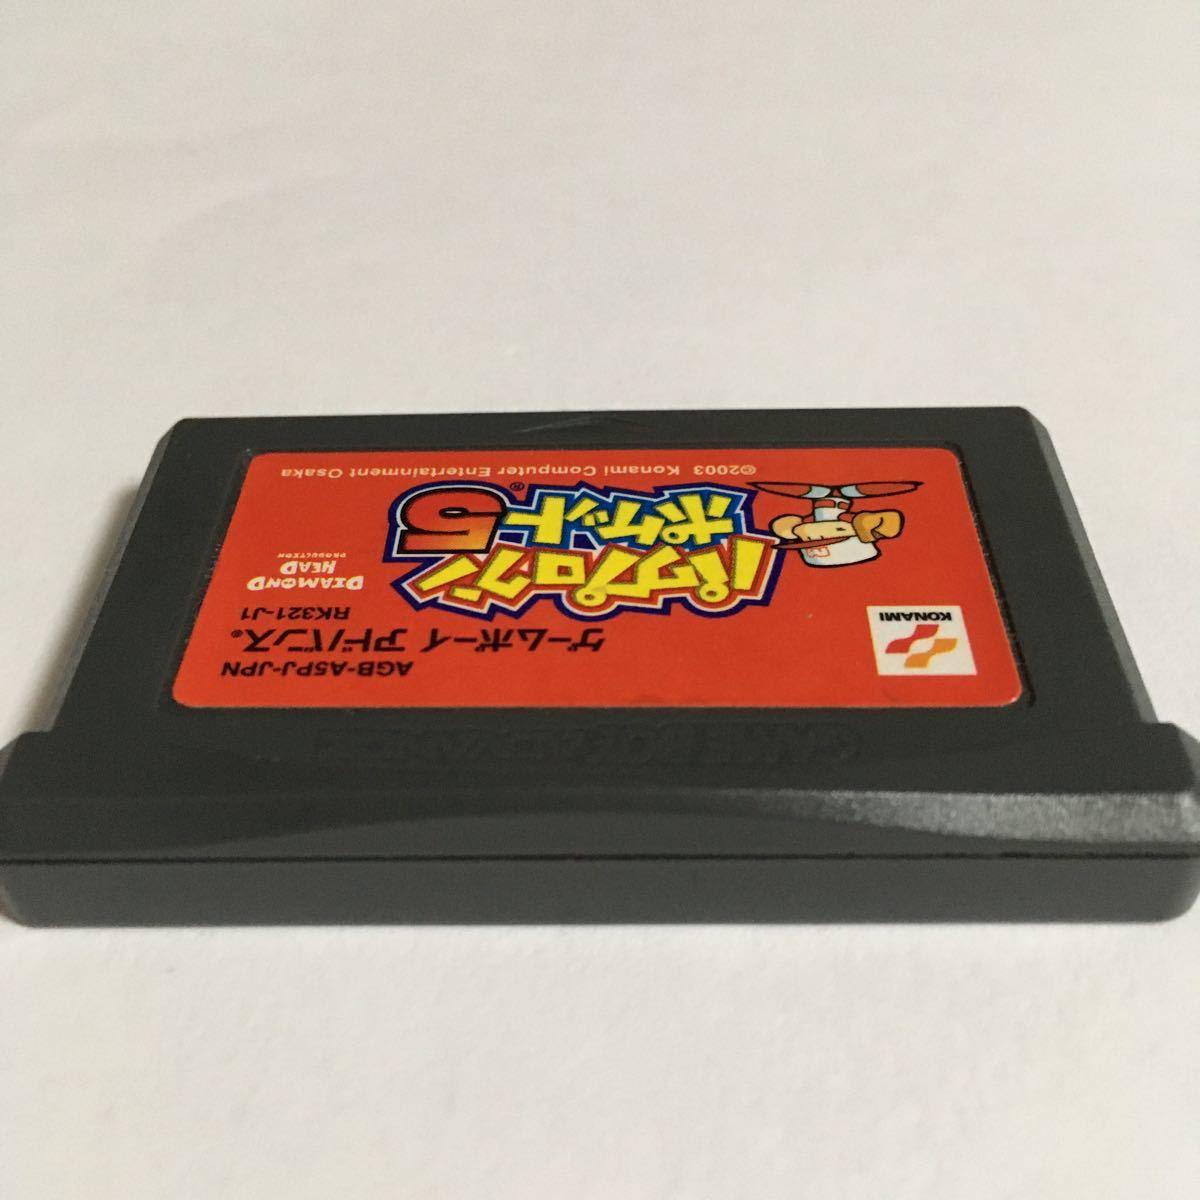 ゲームボーイアドバンス GBA ソフト パワプロクンポケット5